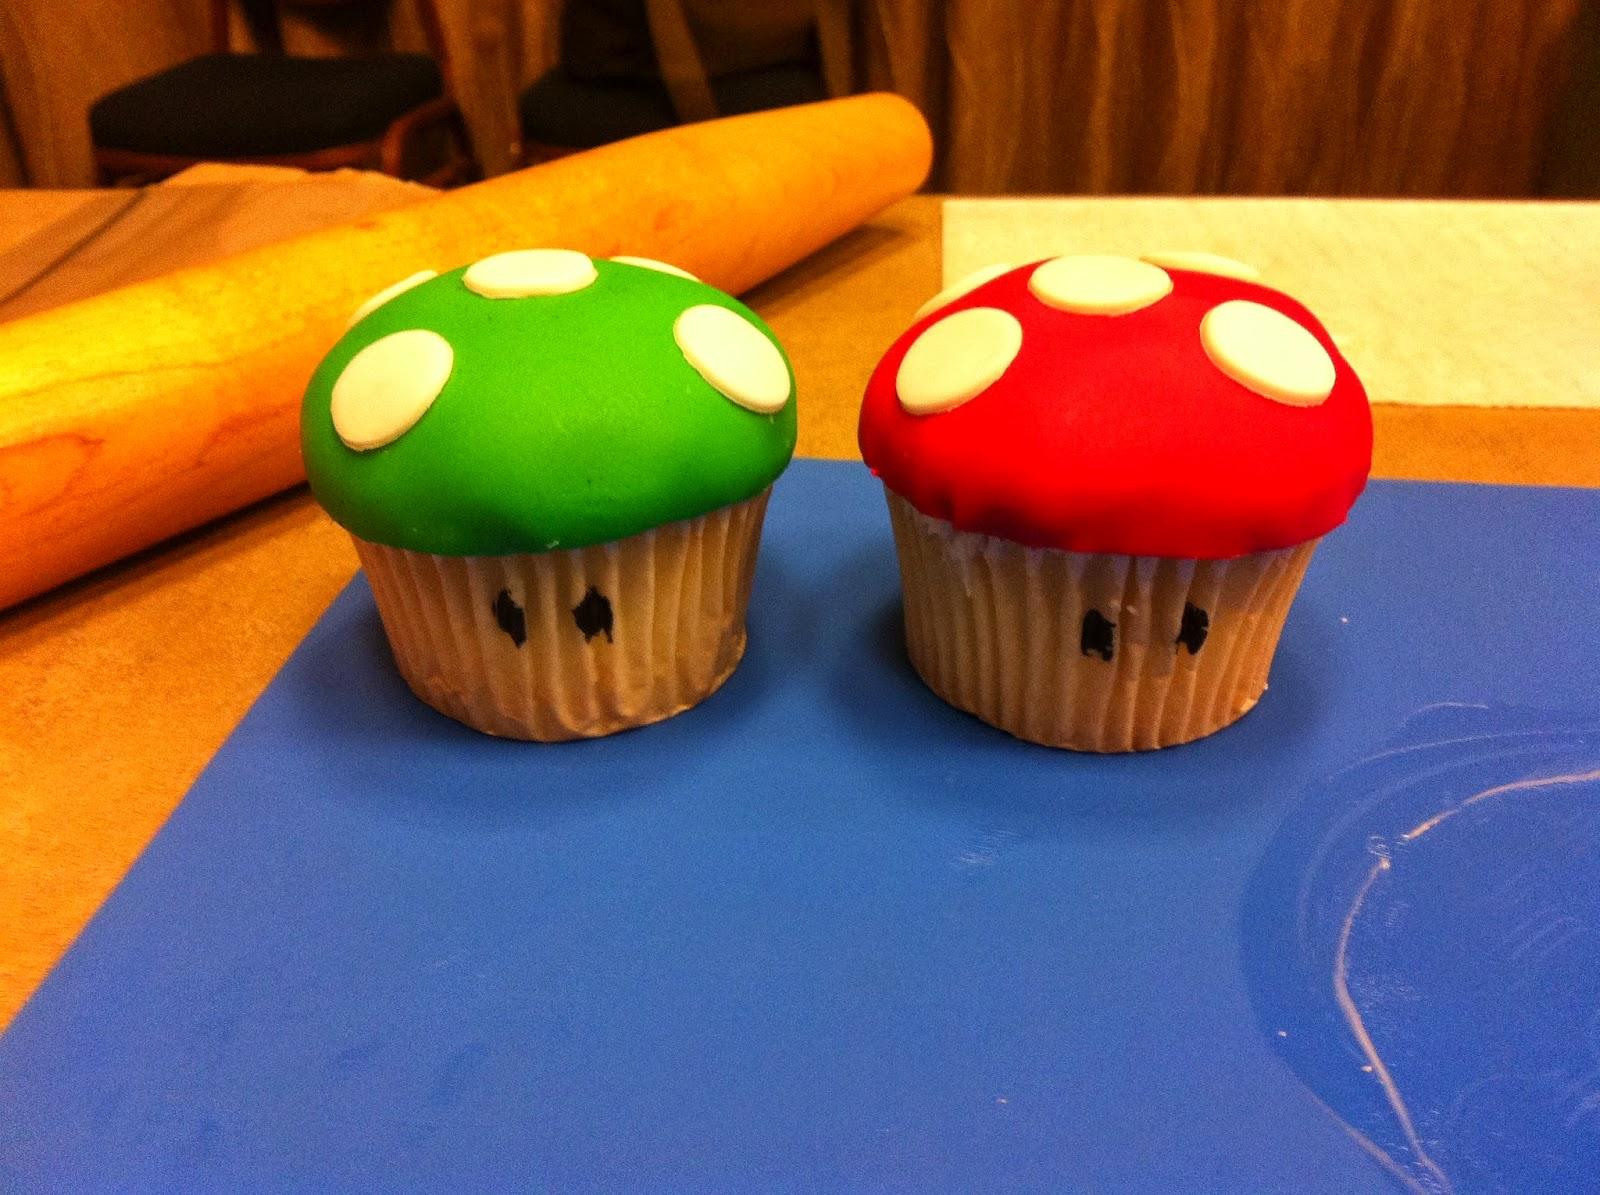 My 1-Up Mushroom cupcakes